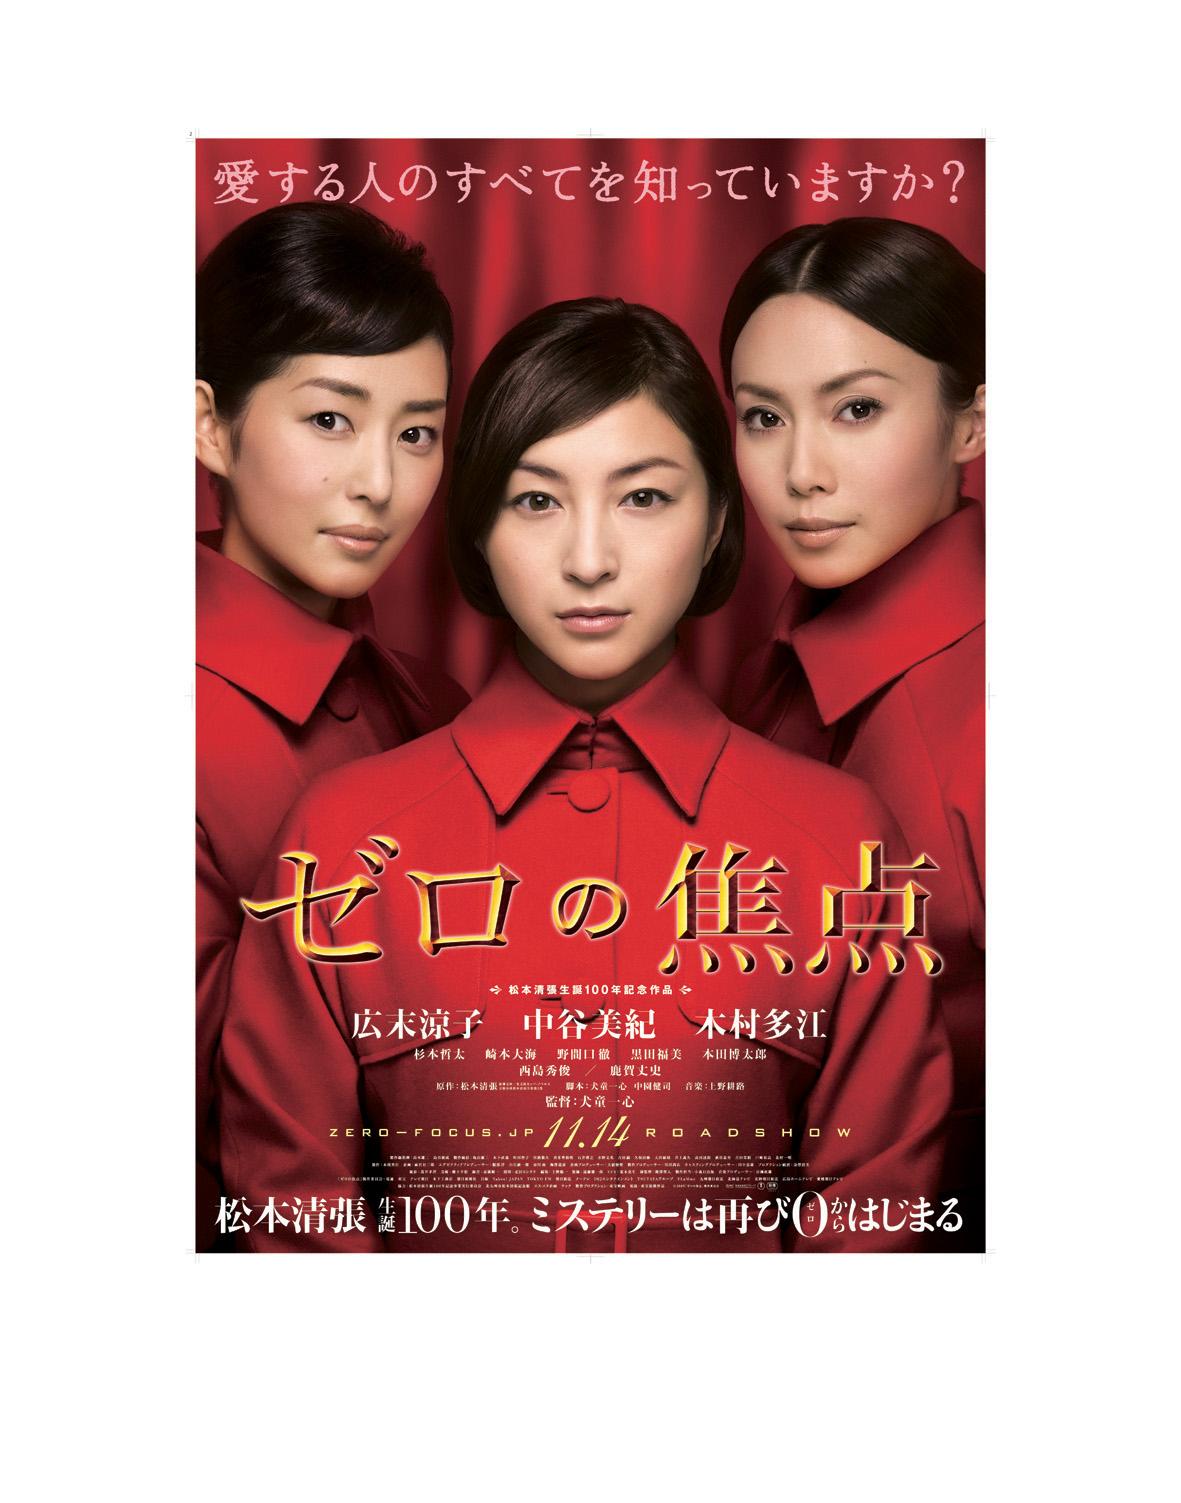 『ゼロの焦点』公開記念キャンペーン実施 ~2009 年10月20日(火)から11月30日(月)まで~